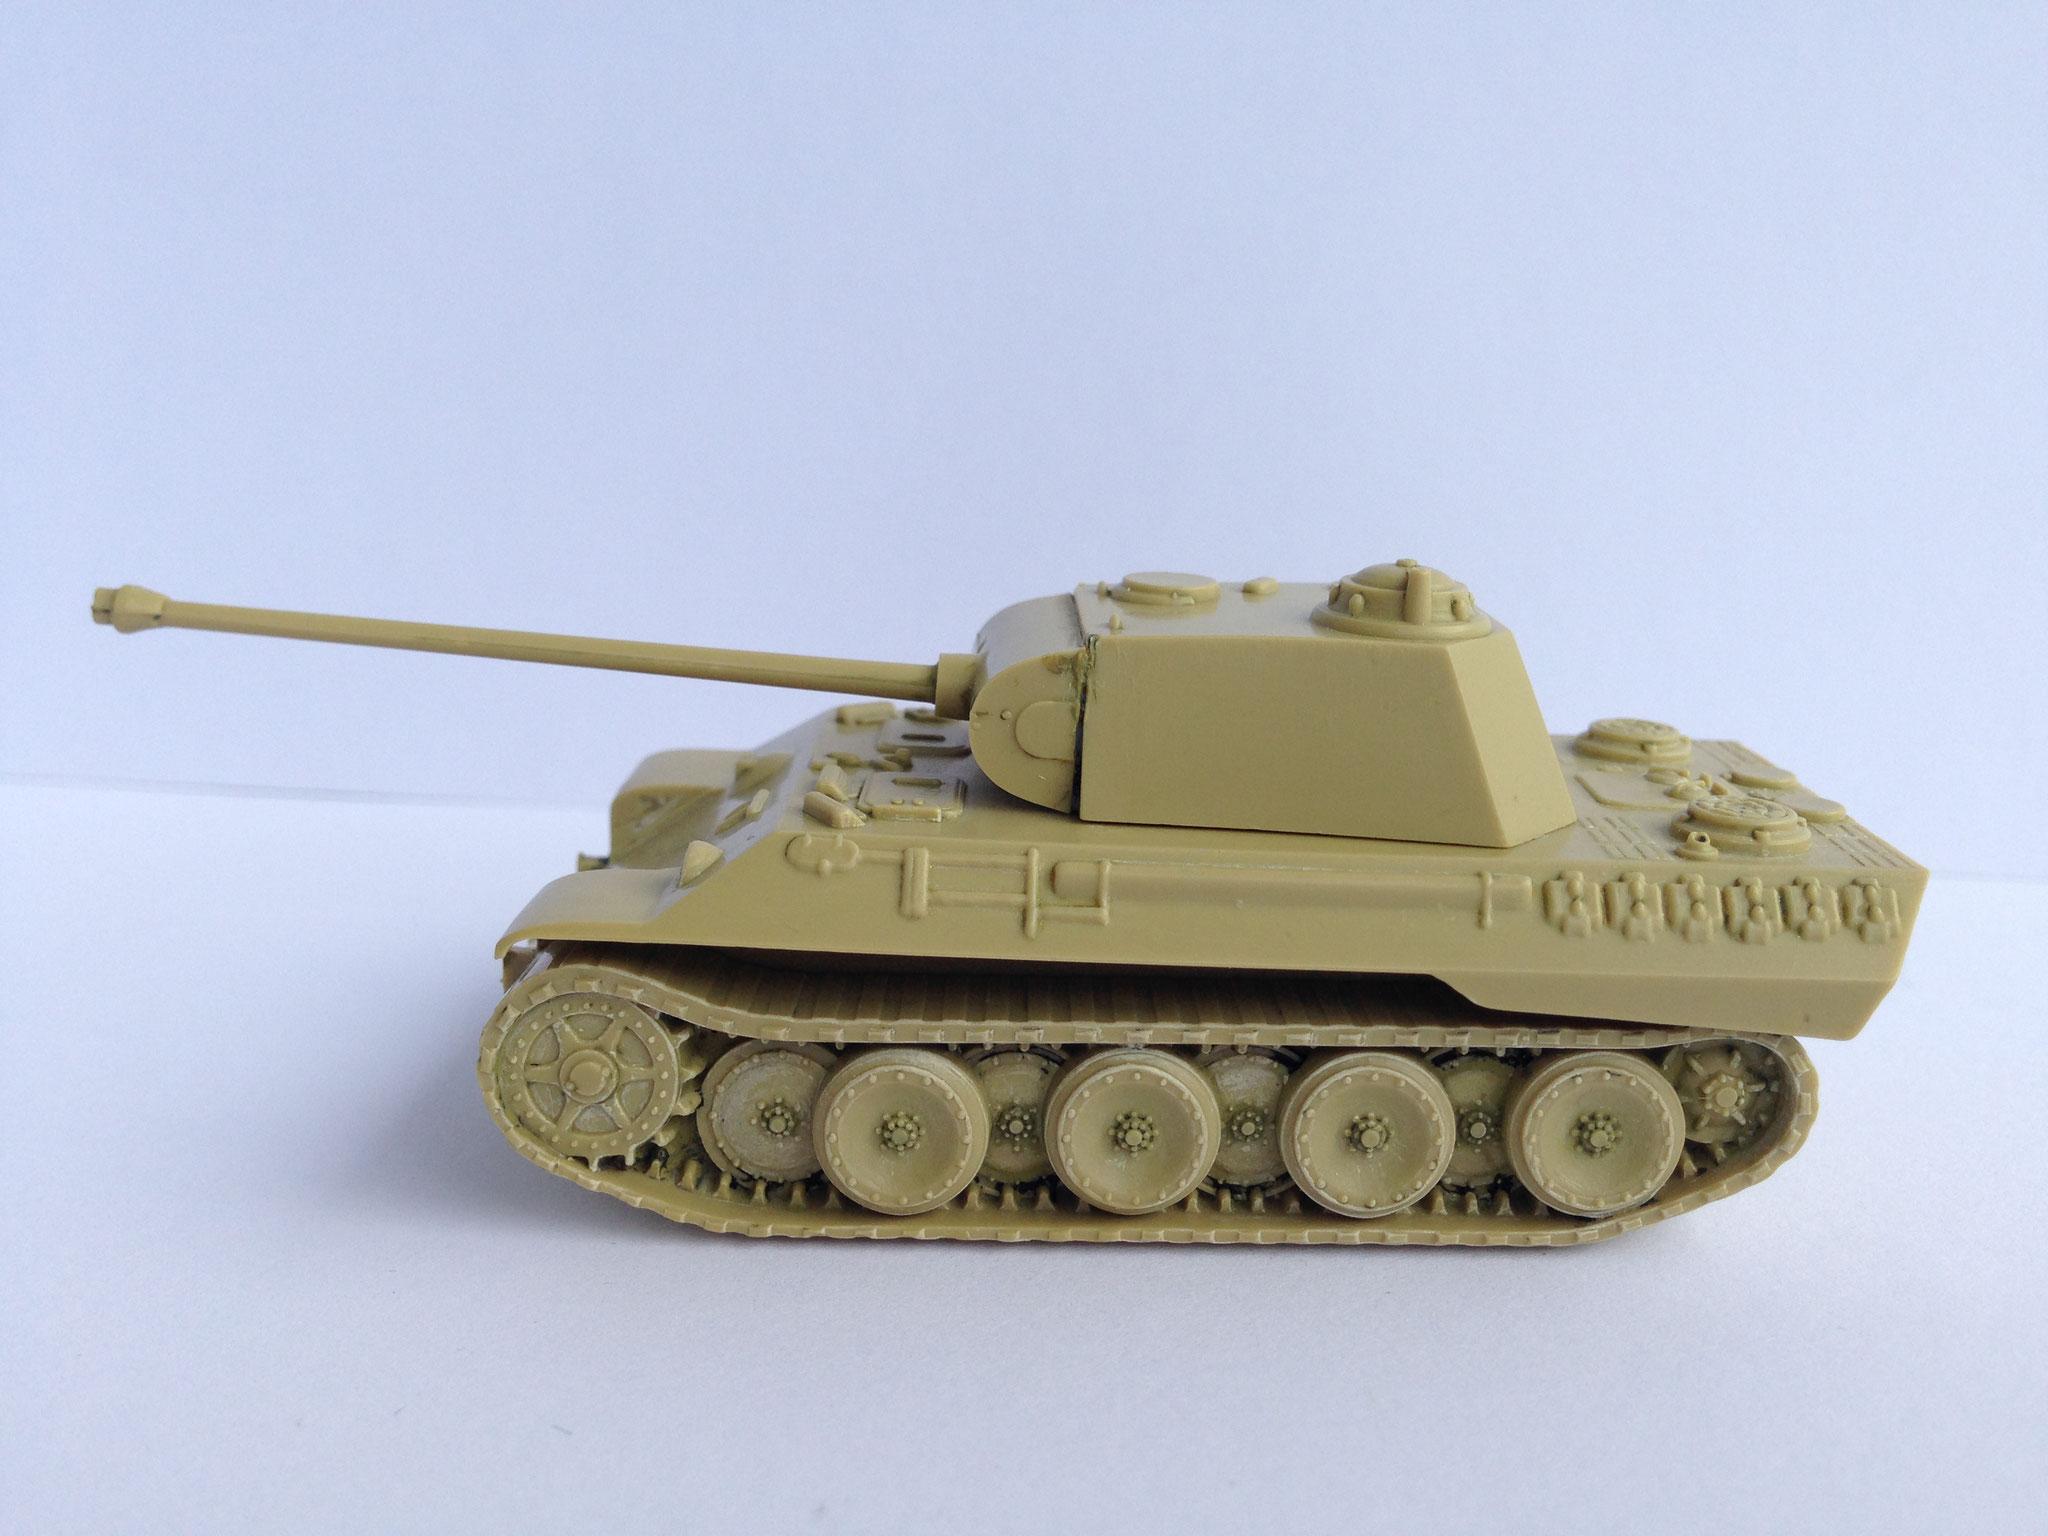 Panther, mittlerer Panzer der ehem. Deutschen Wehrmacht, Art. Nr. 49 (ab 1975 im Programm)